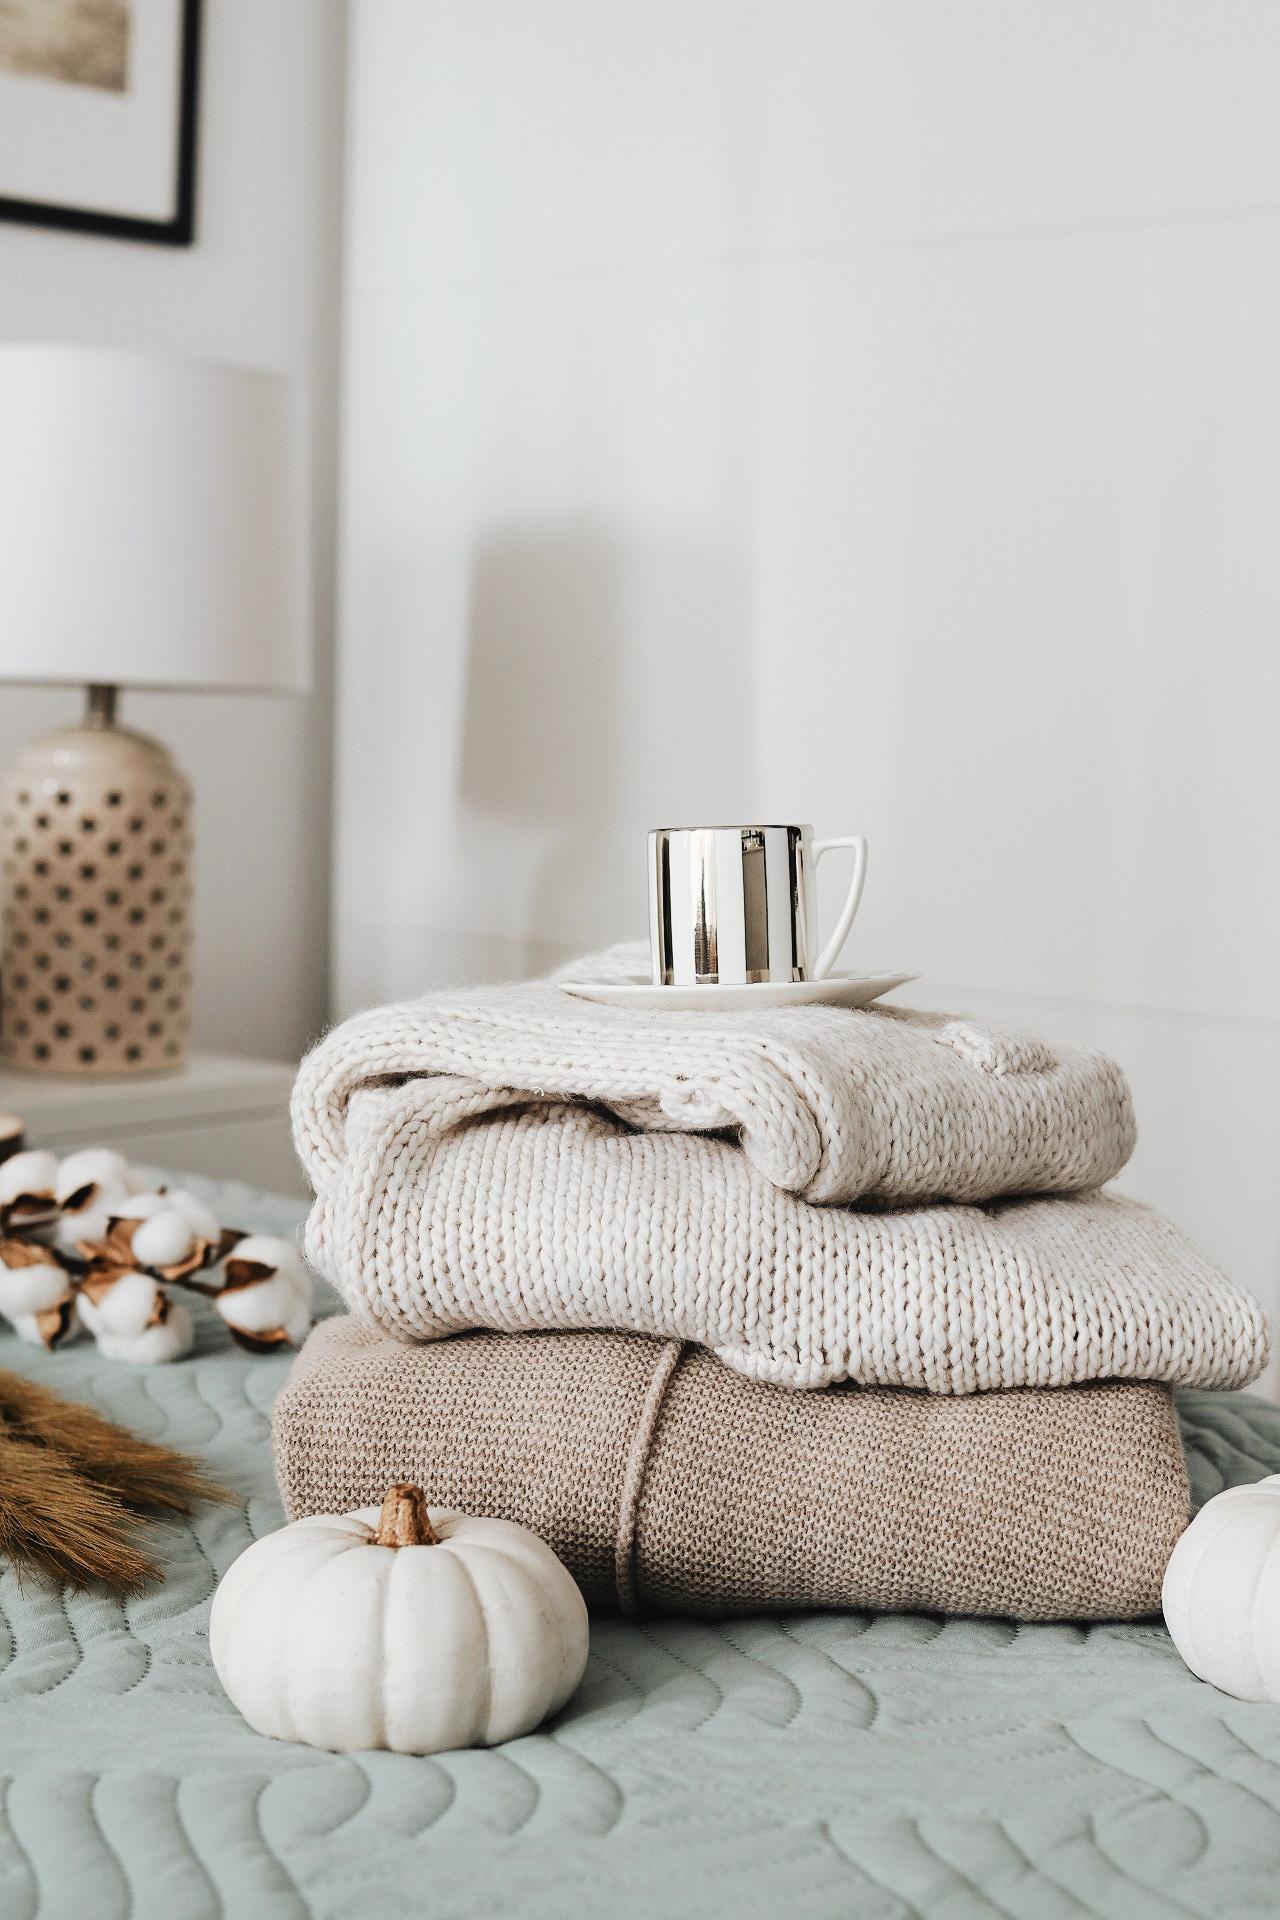 Gemütlichkeit zu Hause: Die 5 besten Tipps für mehr Wohnambiente